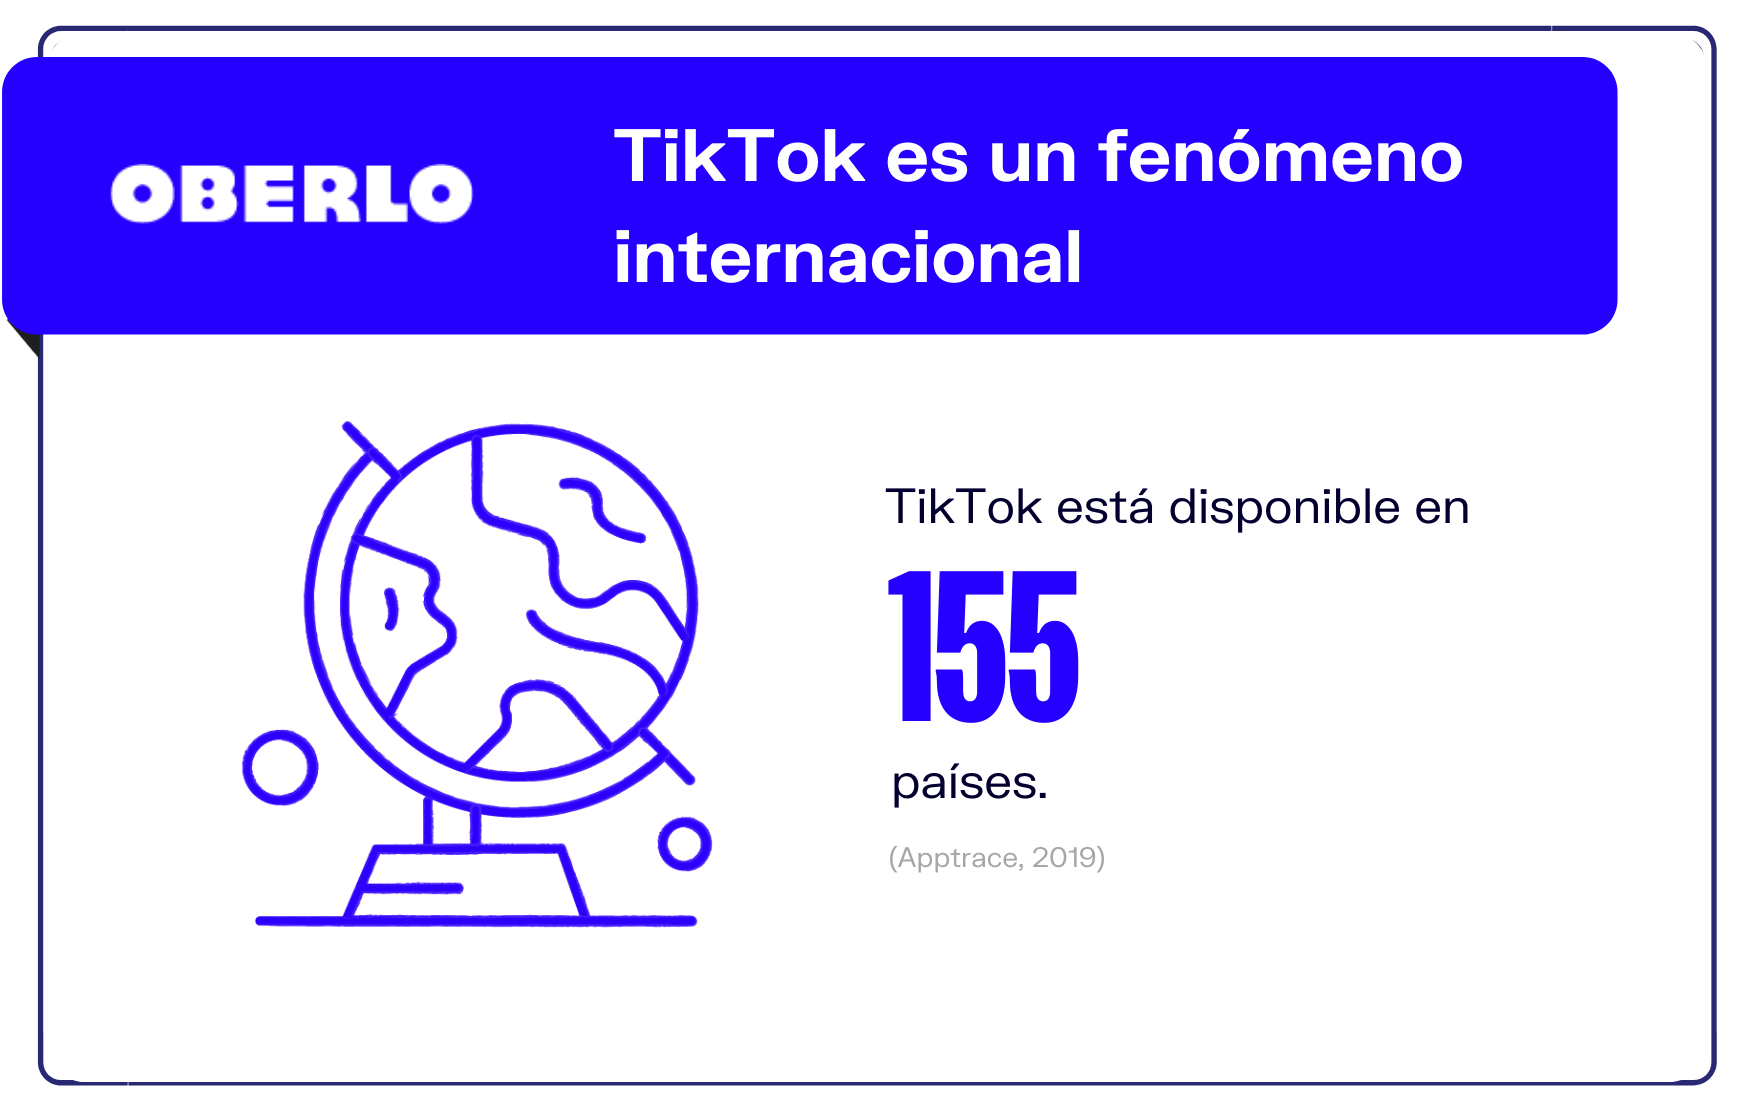 7-Cuantos-paises-usan-TikTok